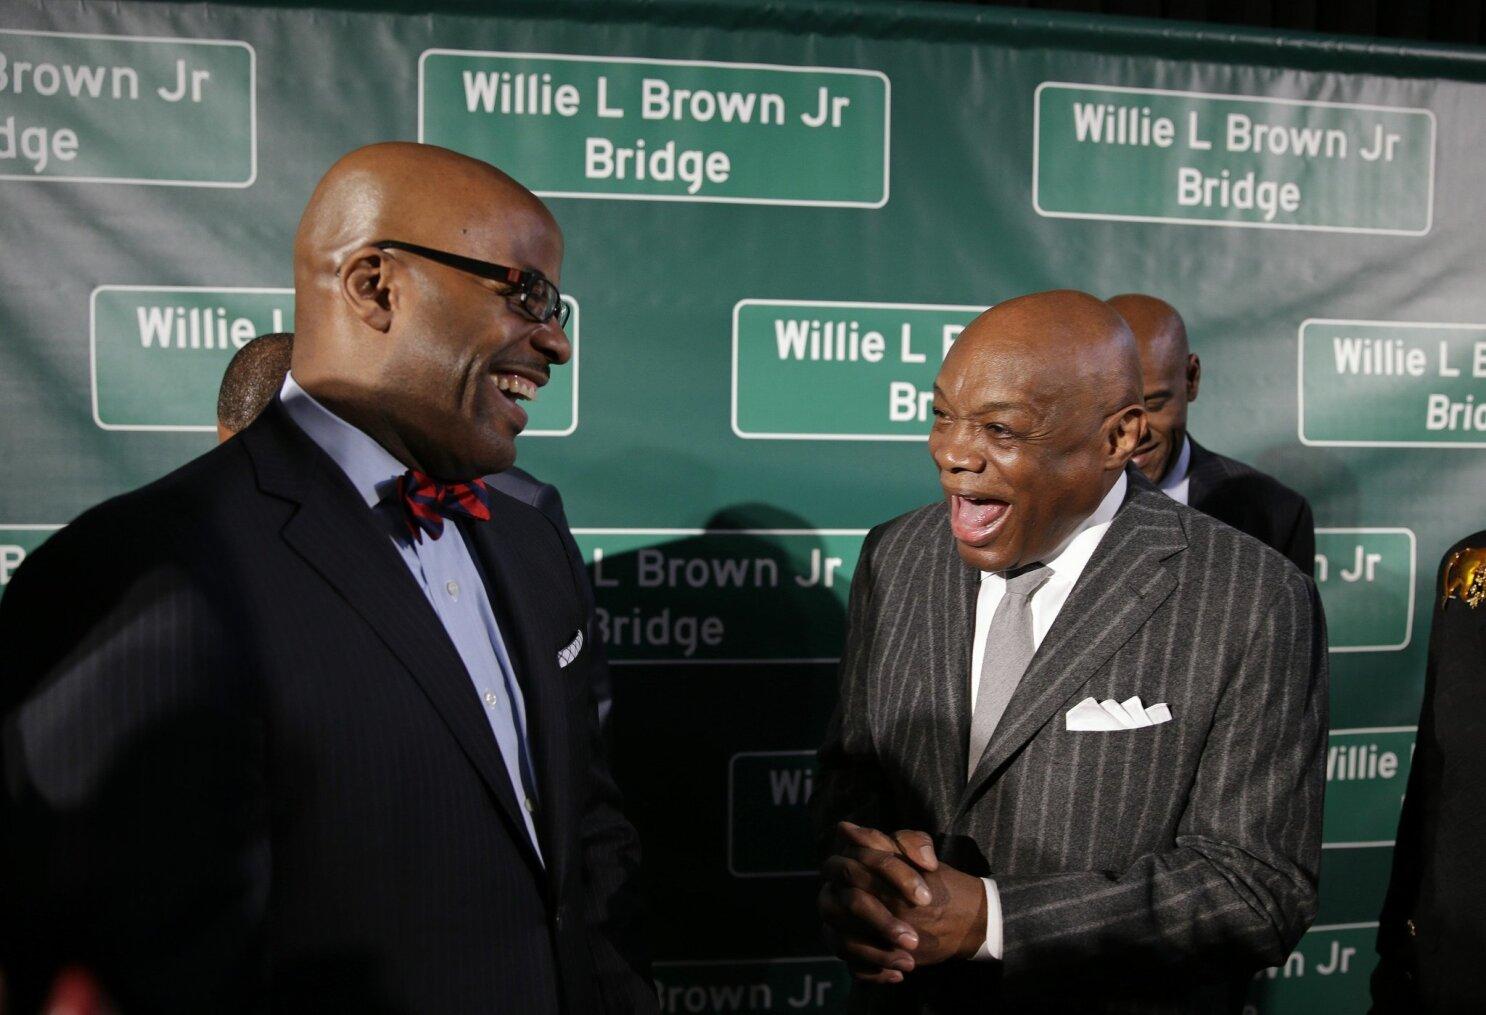 Bridge span takes name of former SF mayor Brown - The San Diego Union-Tribune